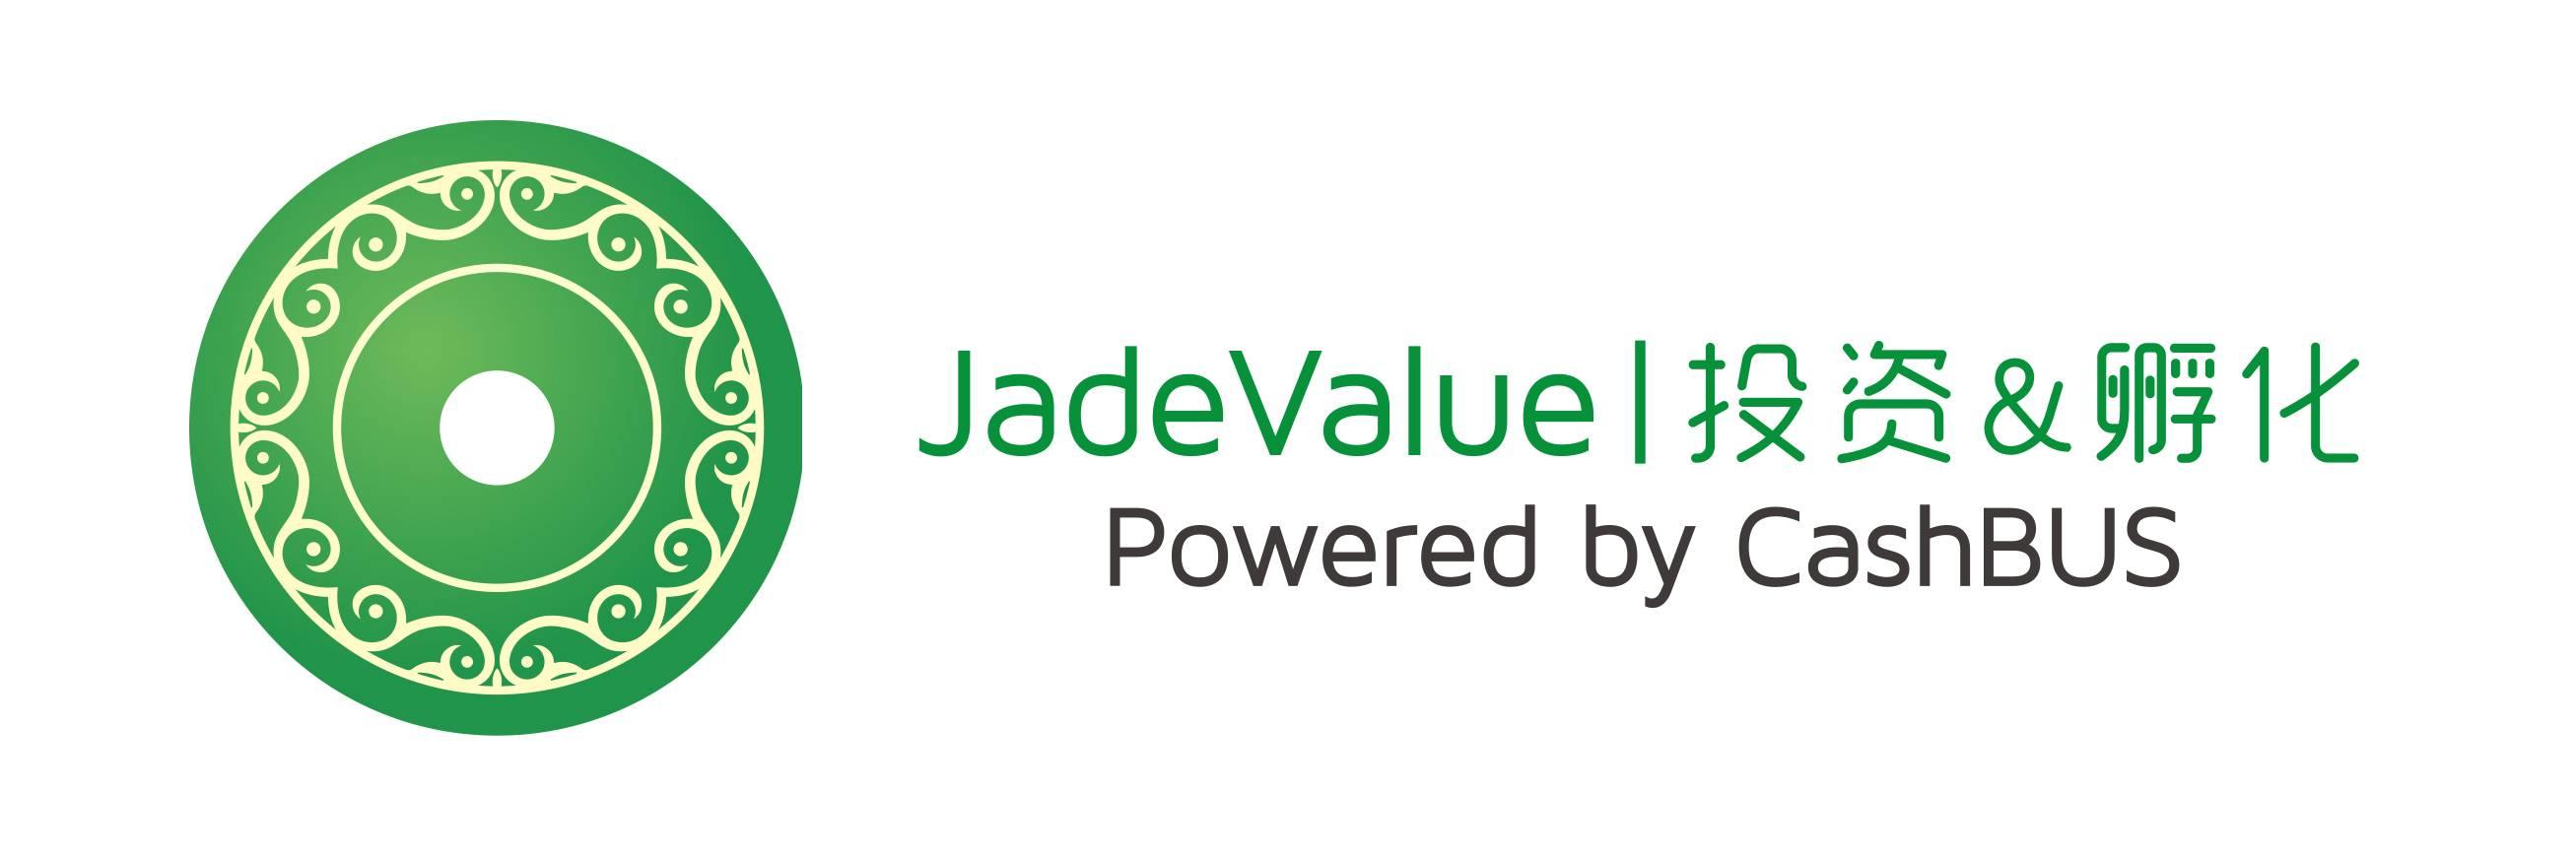 JadeValue